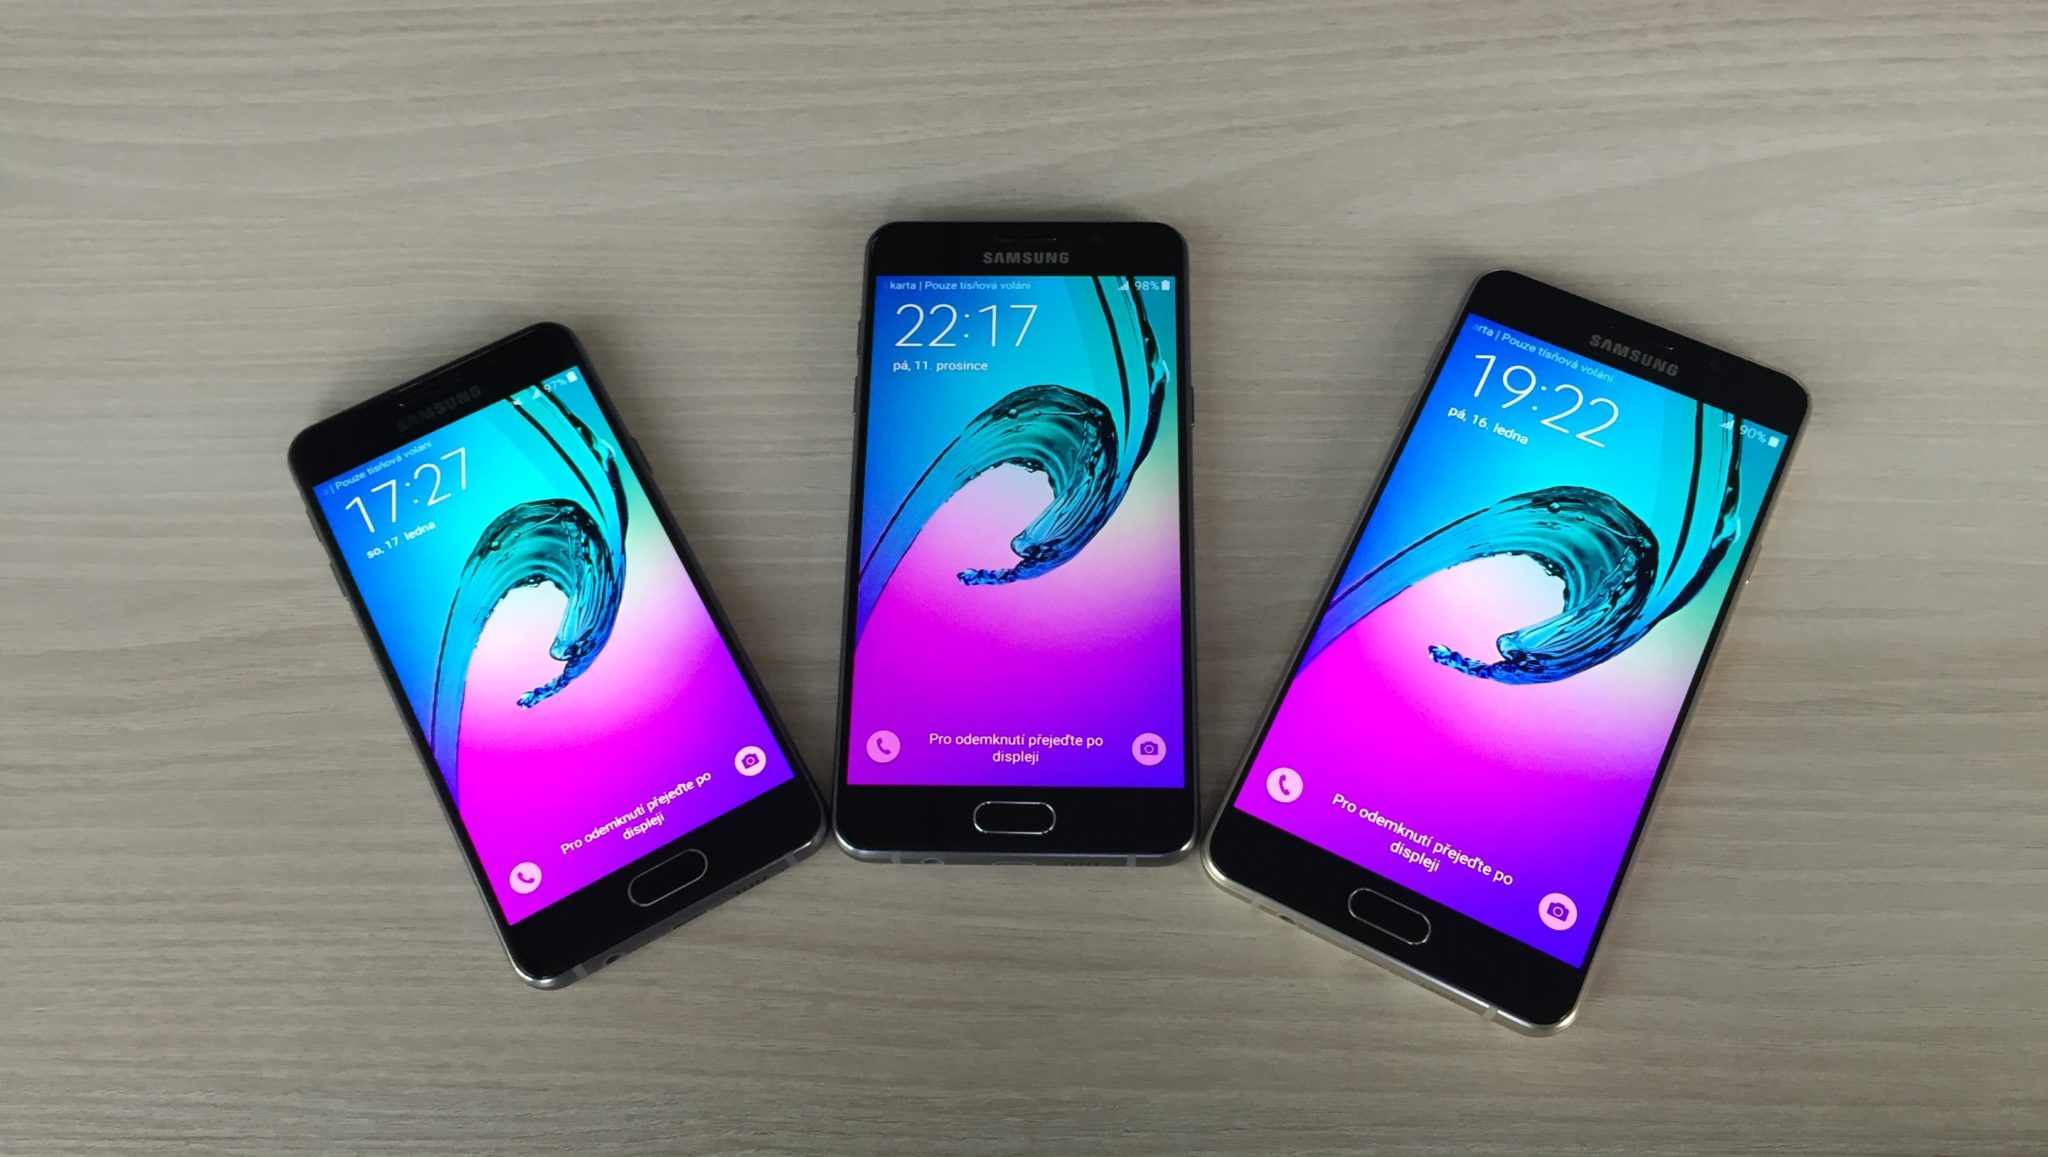 Galaxy C jako nová střední třída od Samsungu